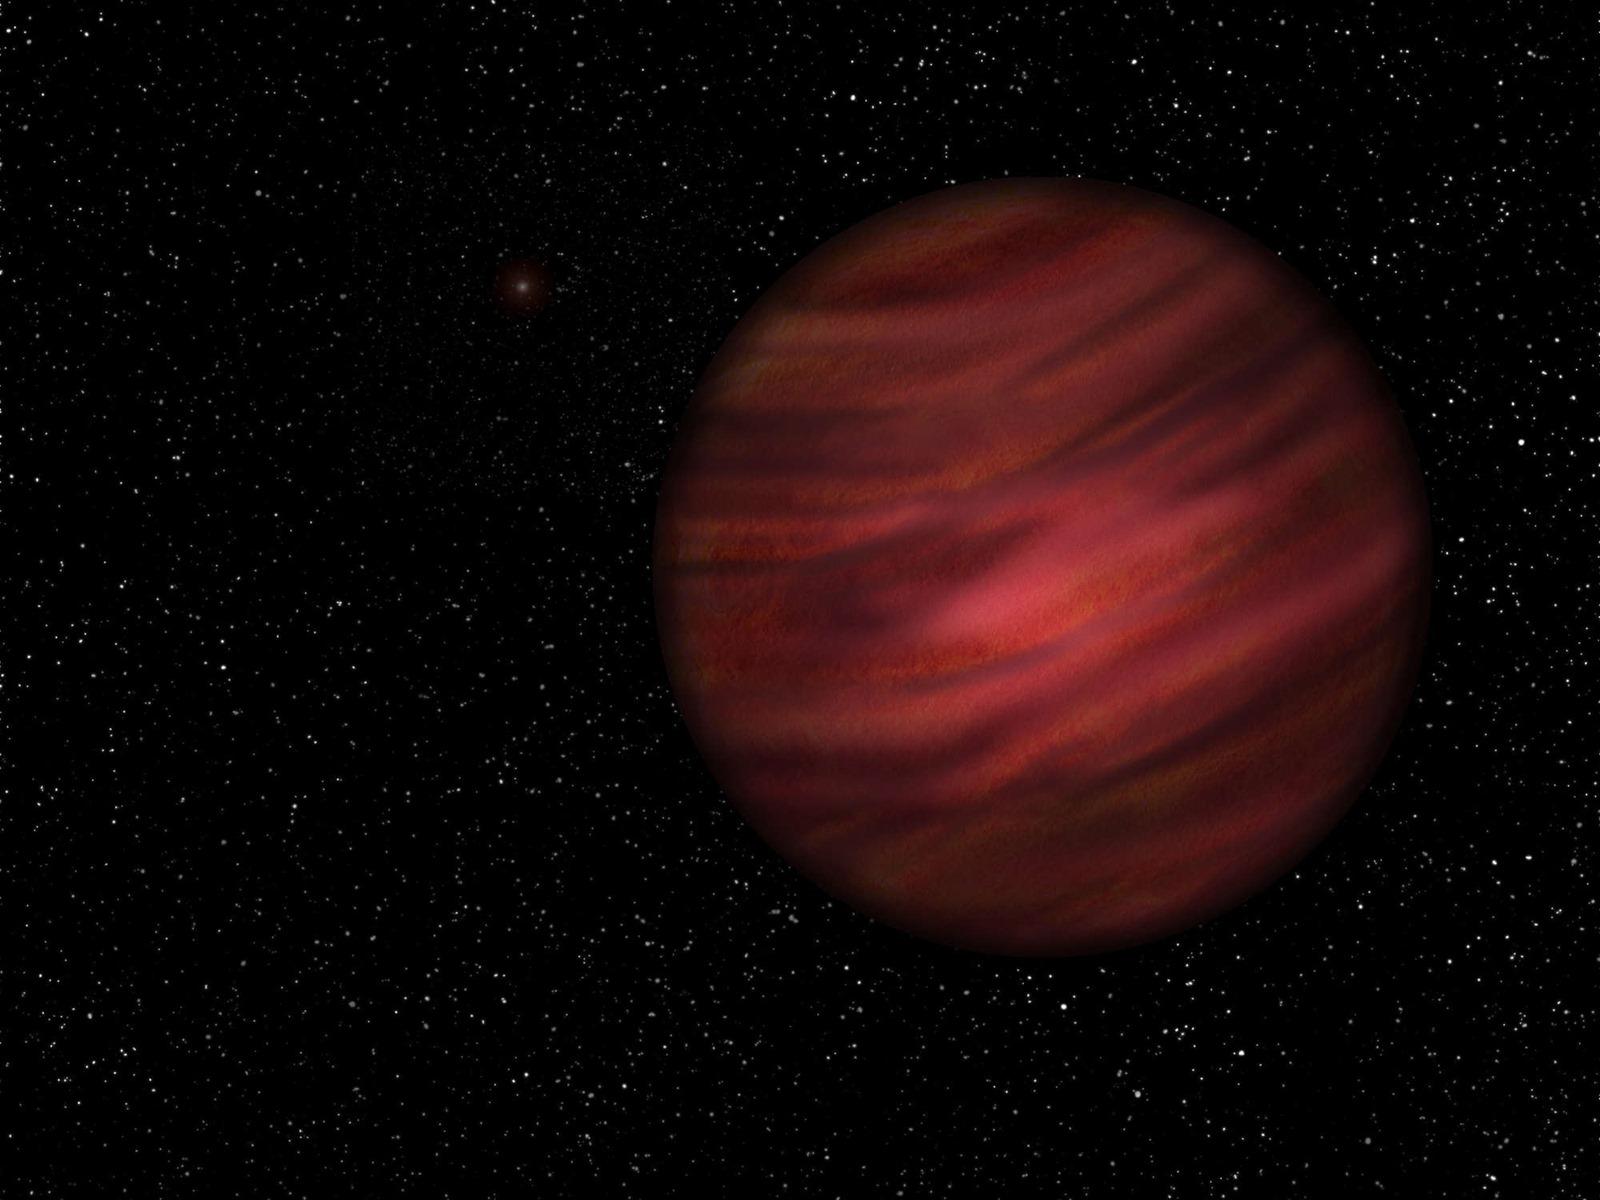 Une planète si éloignée de son étoile qu'elles représentent le plus grand système solaire connu